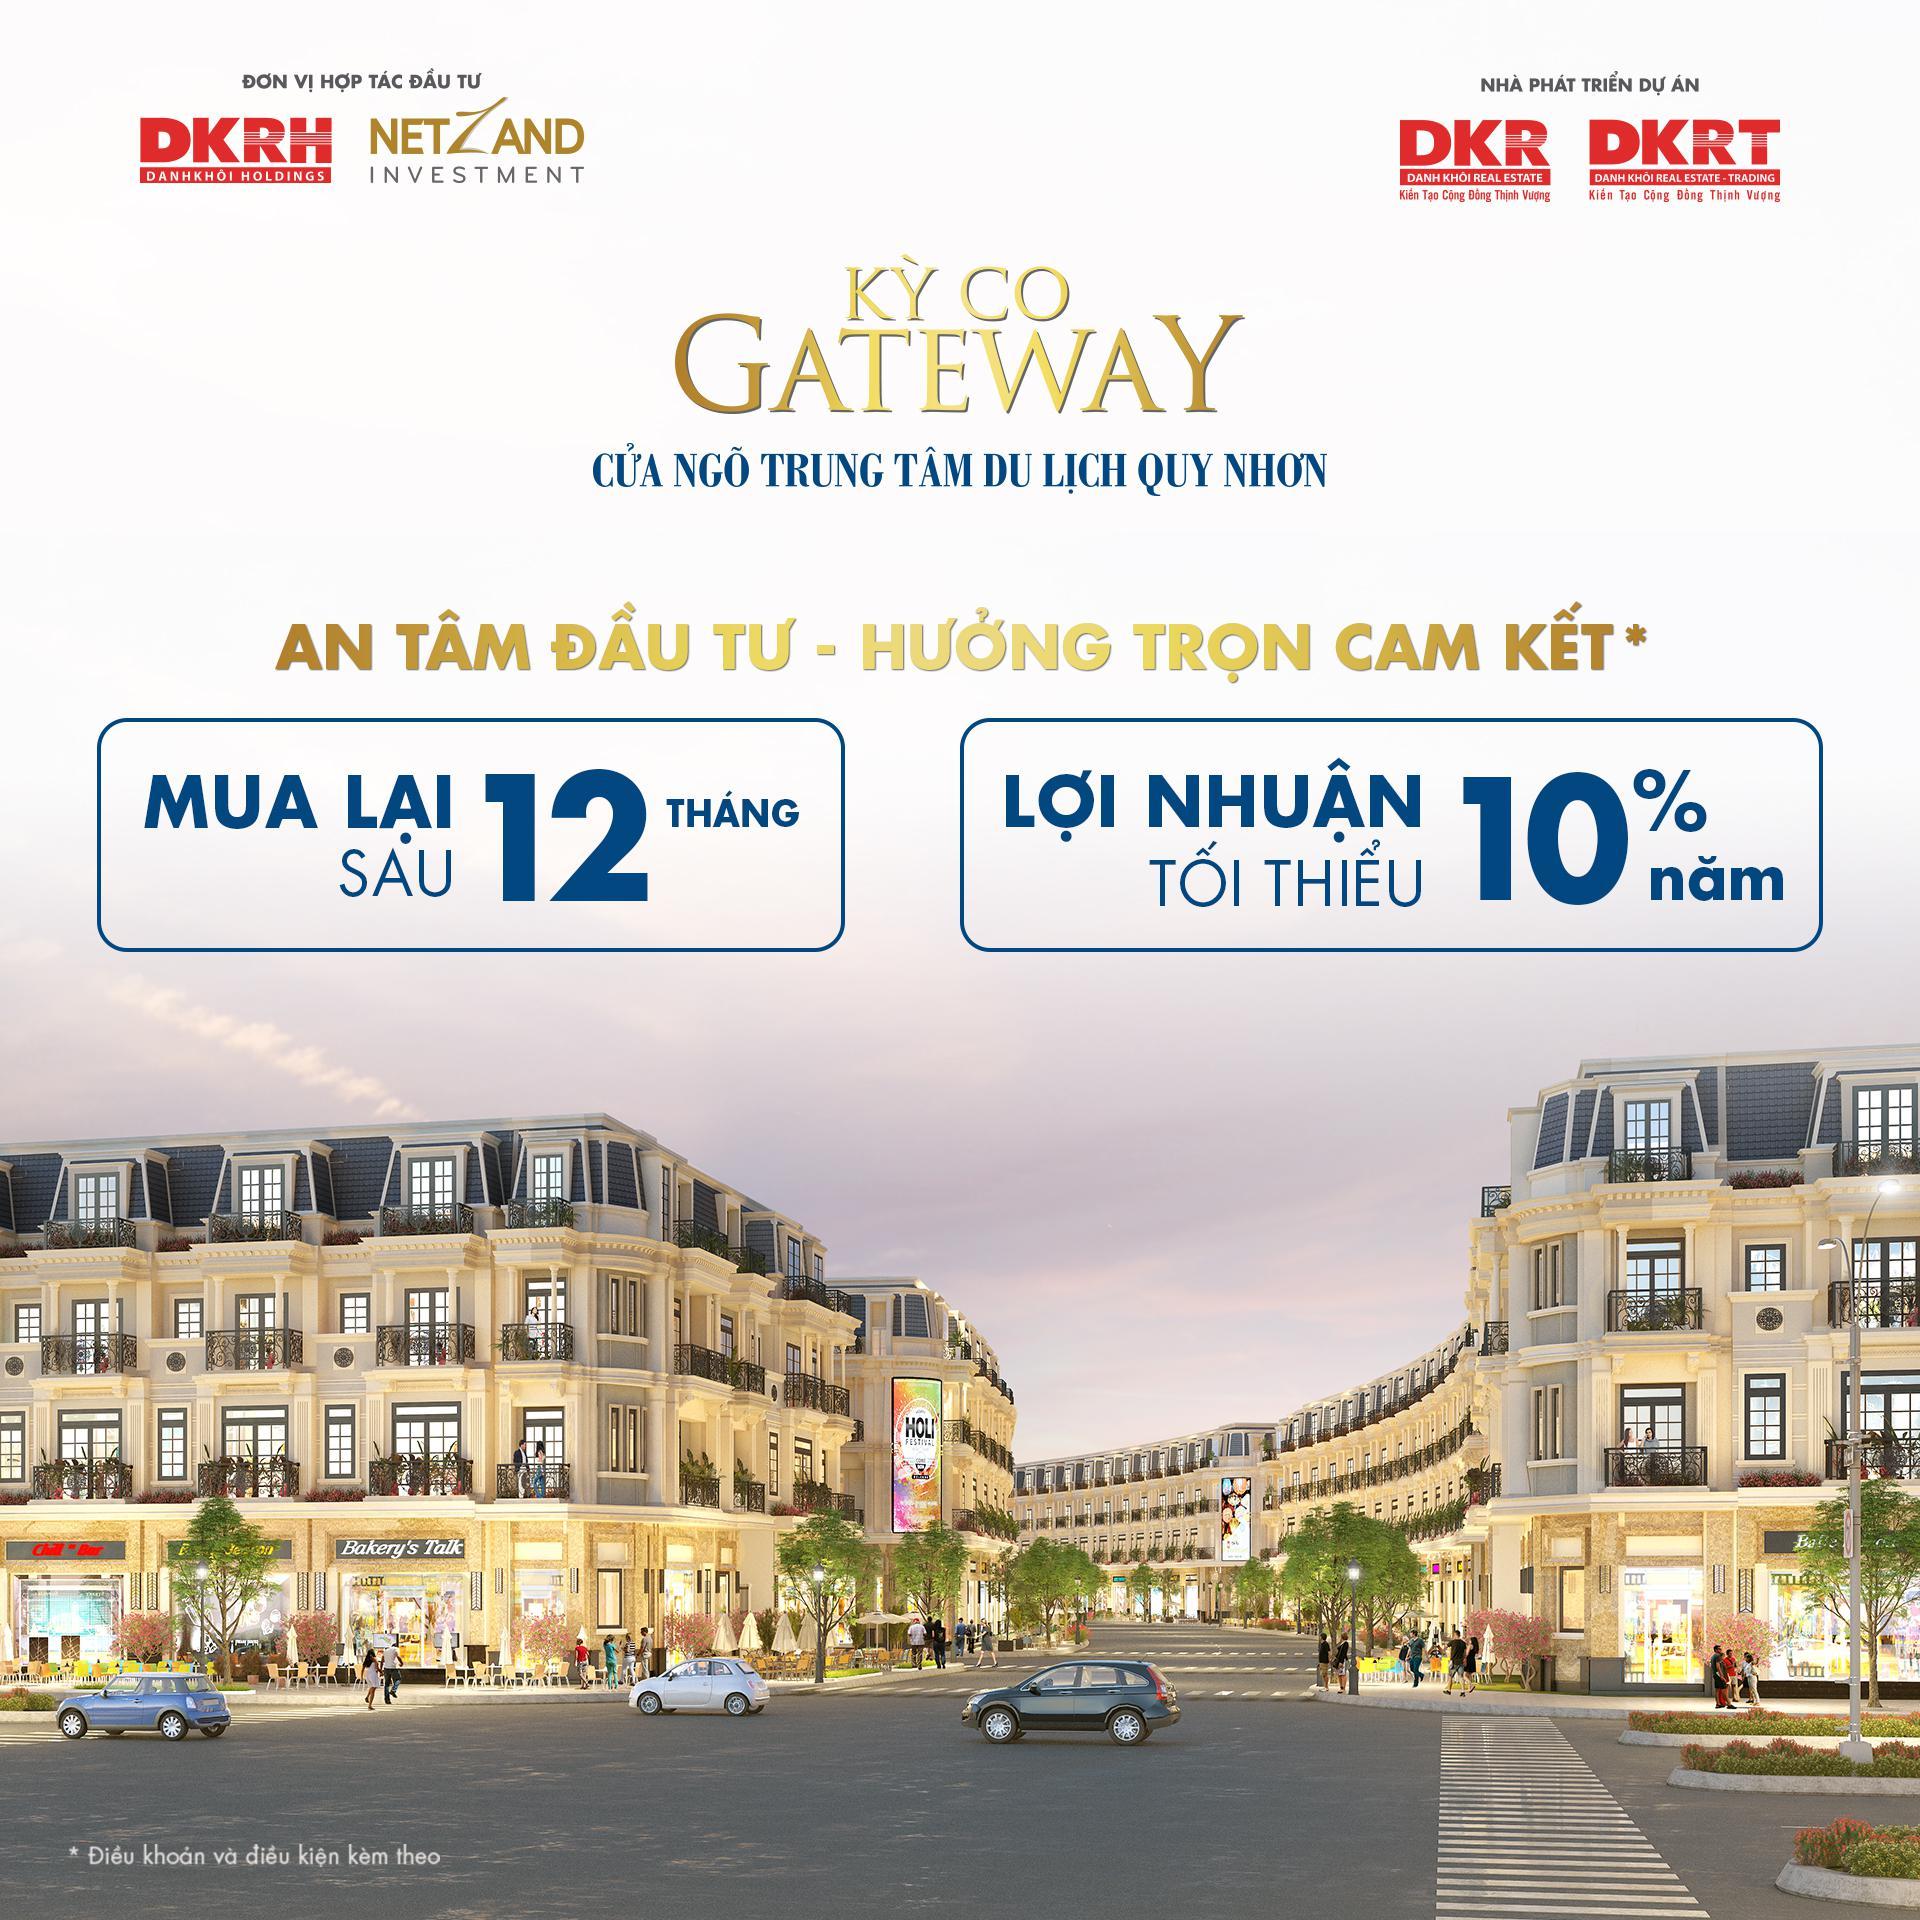 TIỀM NĂNG SINH LỜI Kỳ Co Gateway (Phân khu 9)